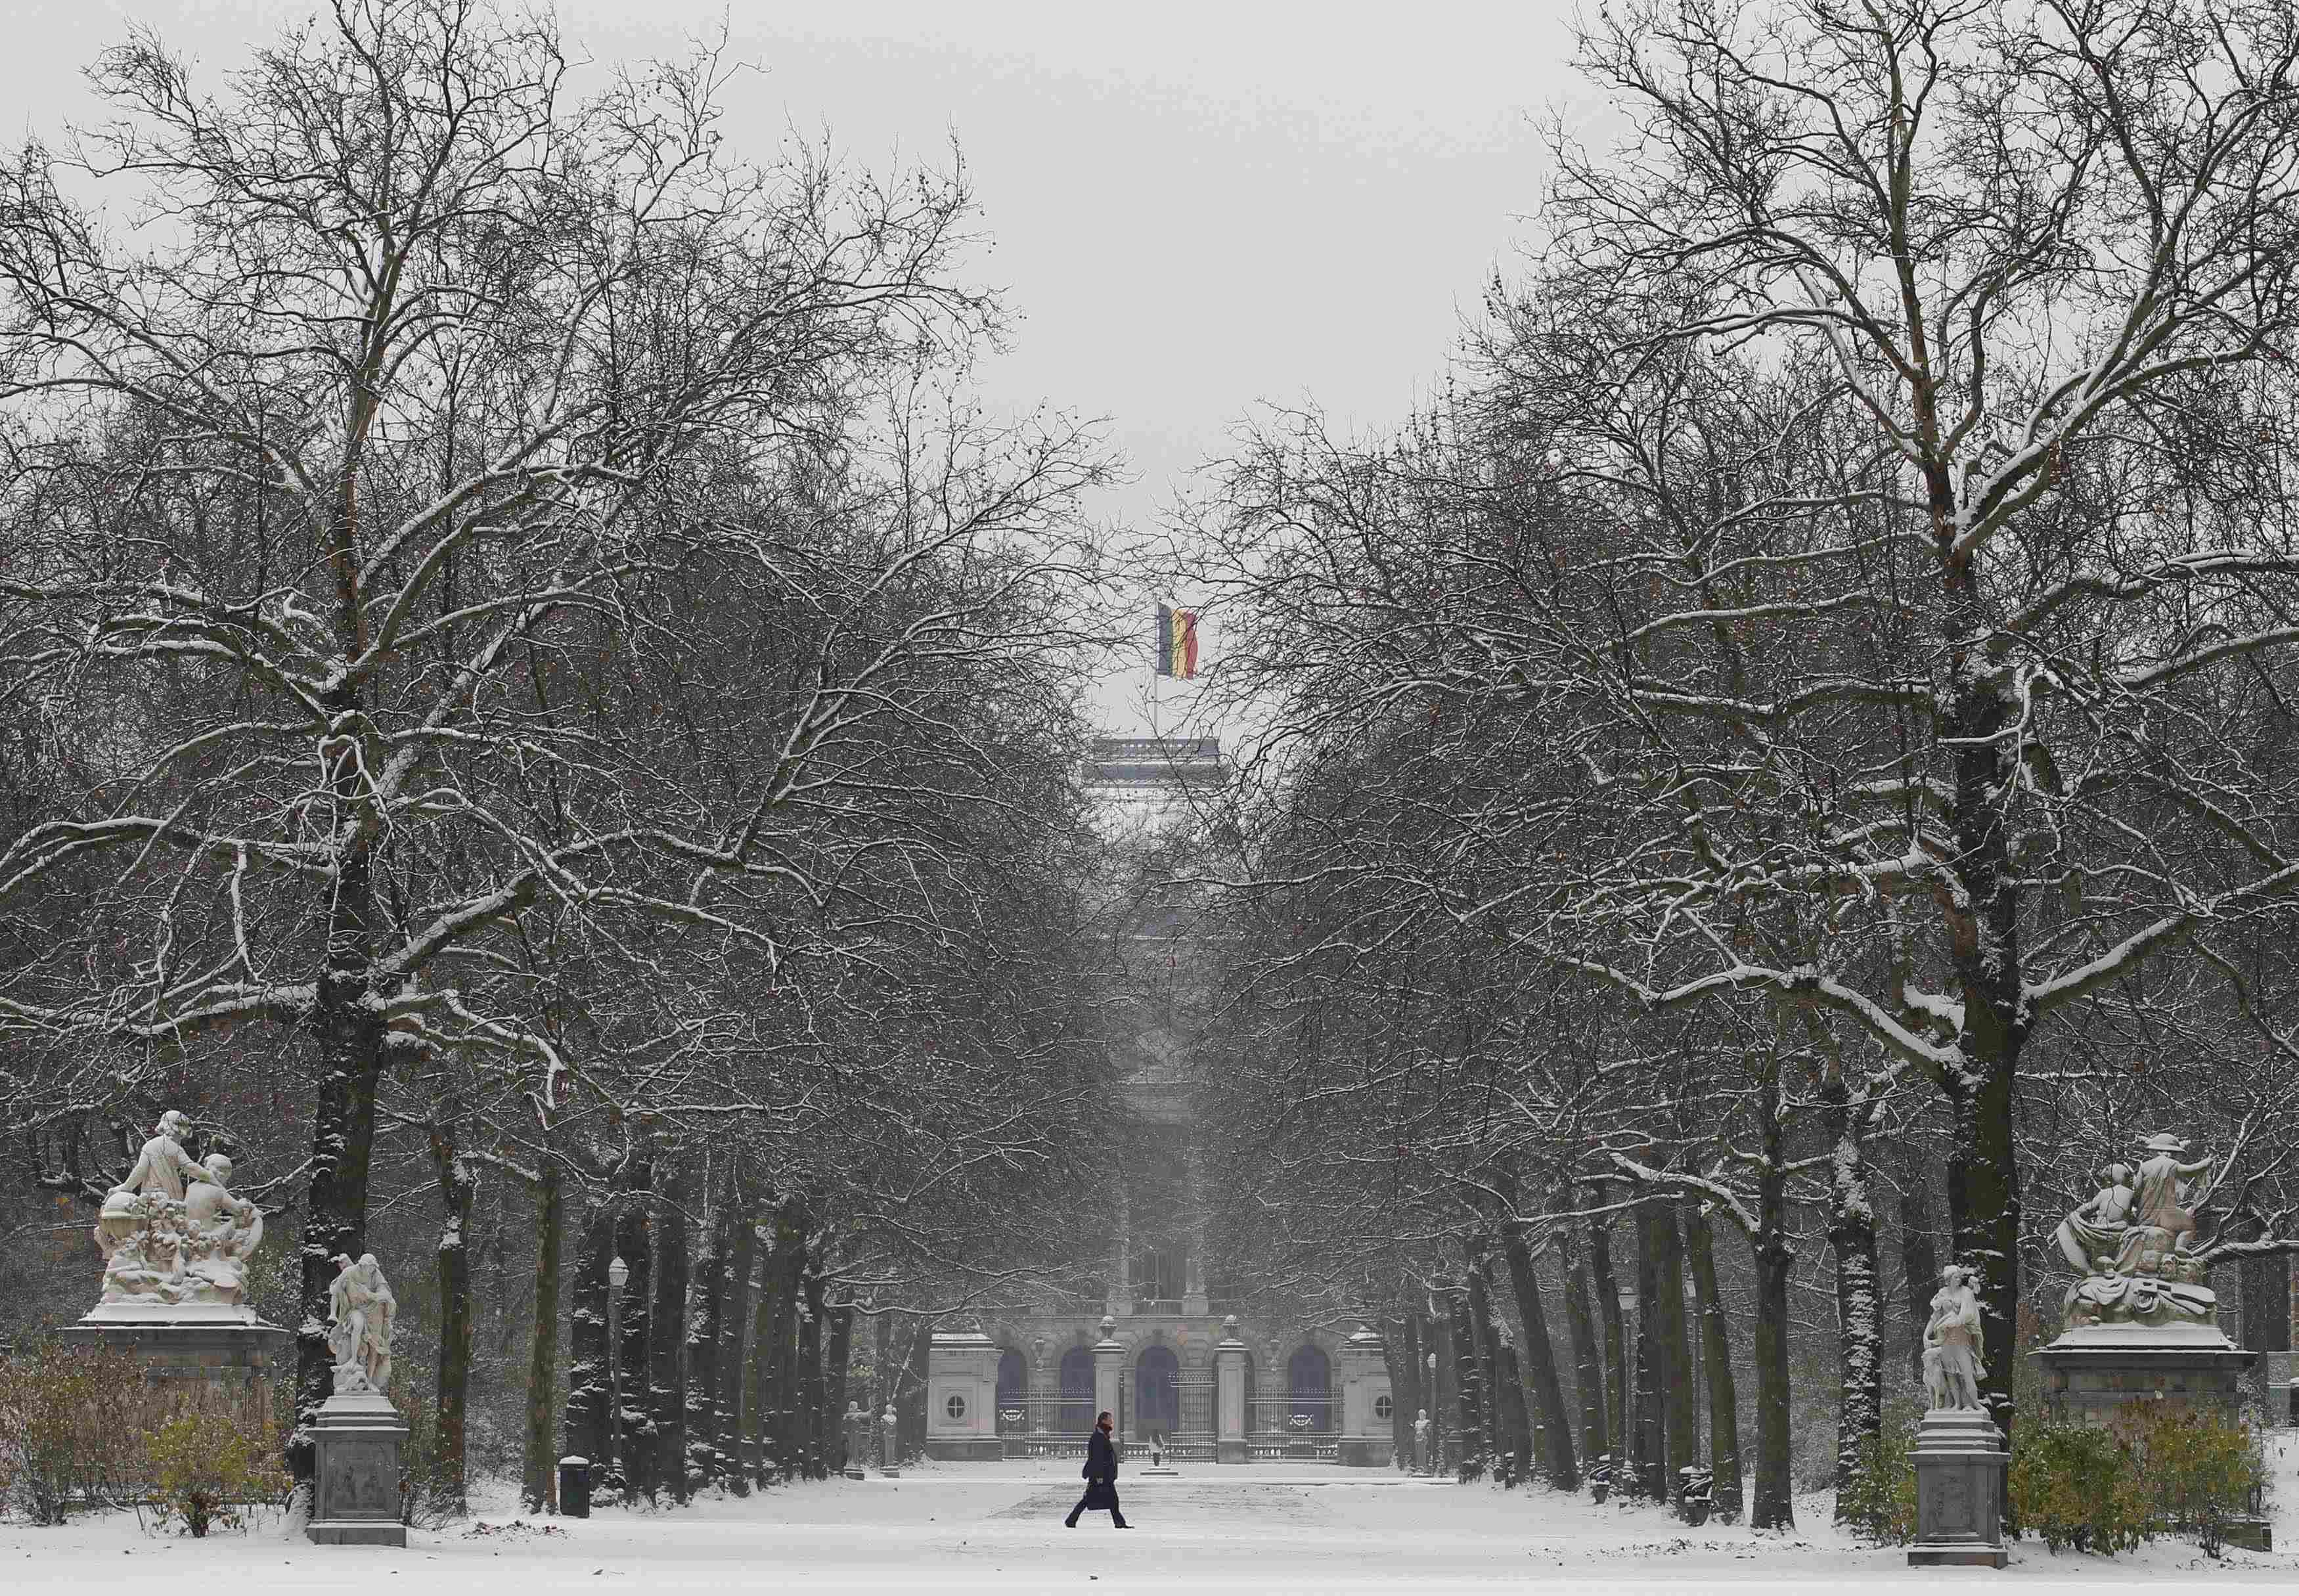 Περίπατος στο πάρκο μπροστά από το παλάτι στις Βρυξέλλες - ΦΩΤΟ REUTERS